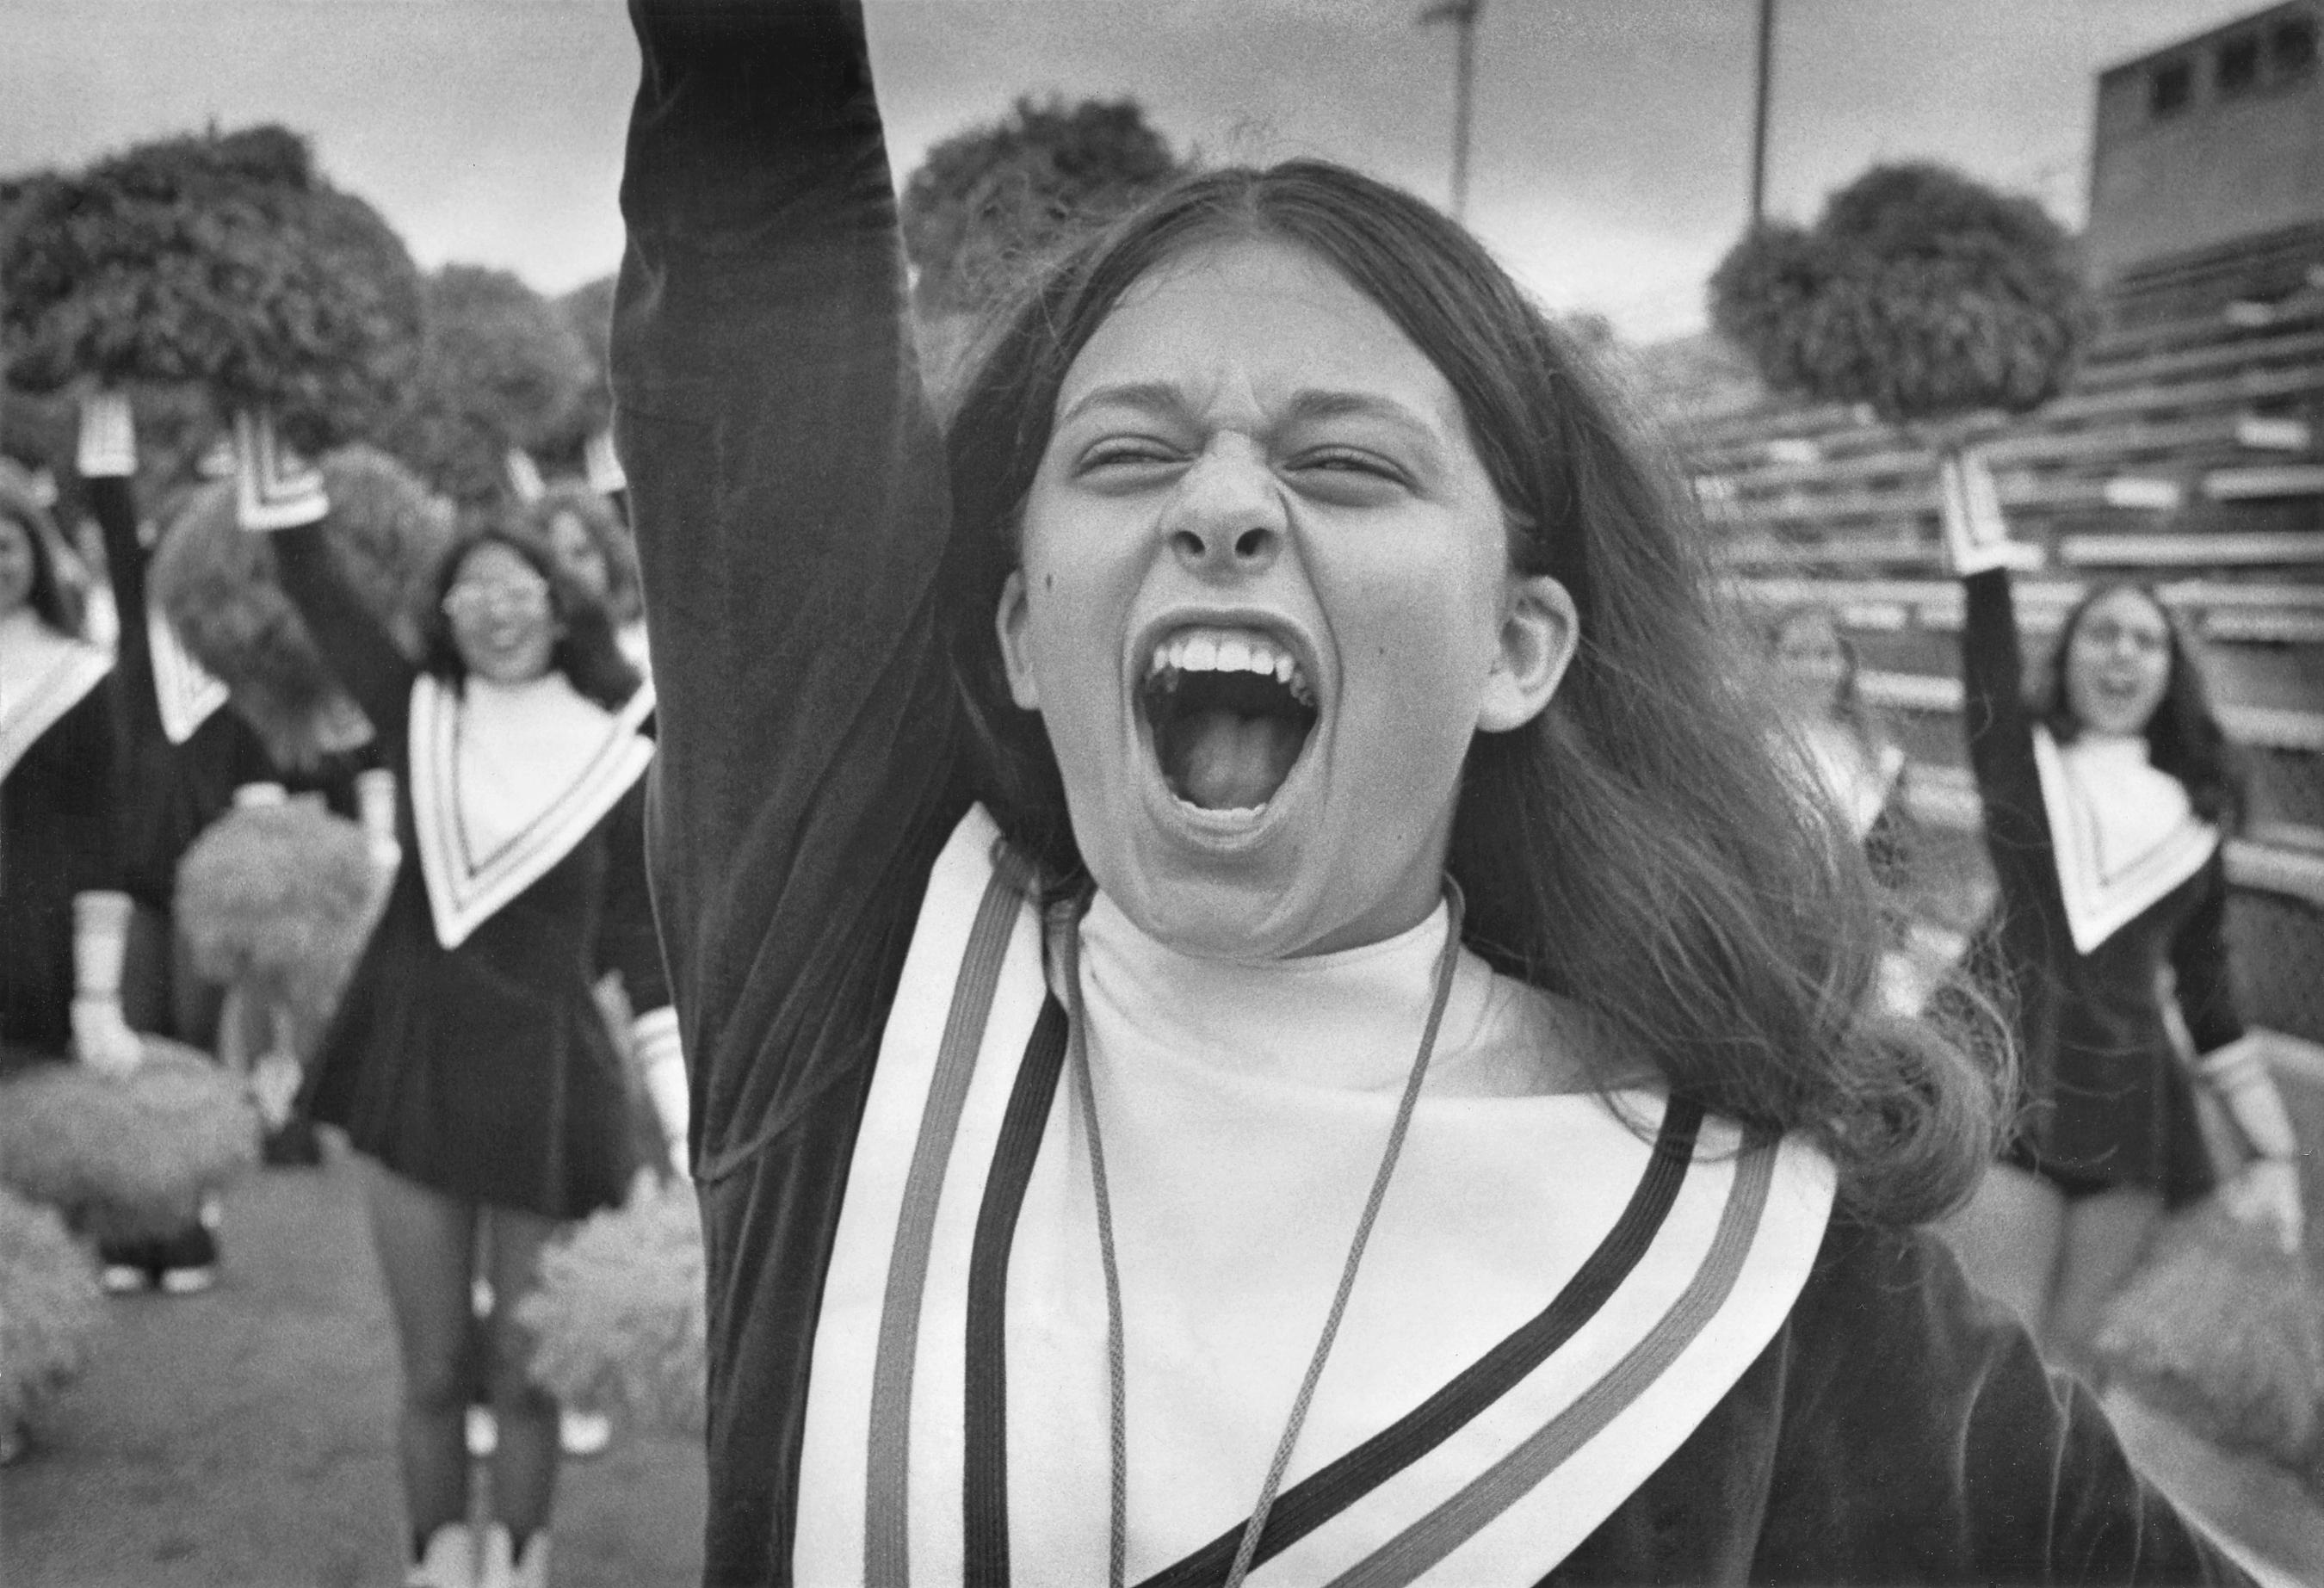 Cheerleader in spirit, 1974